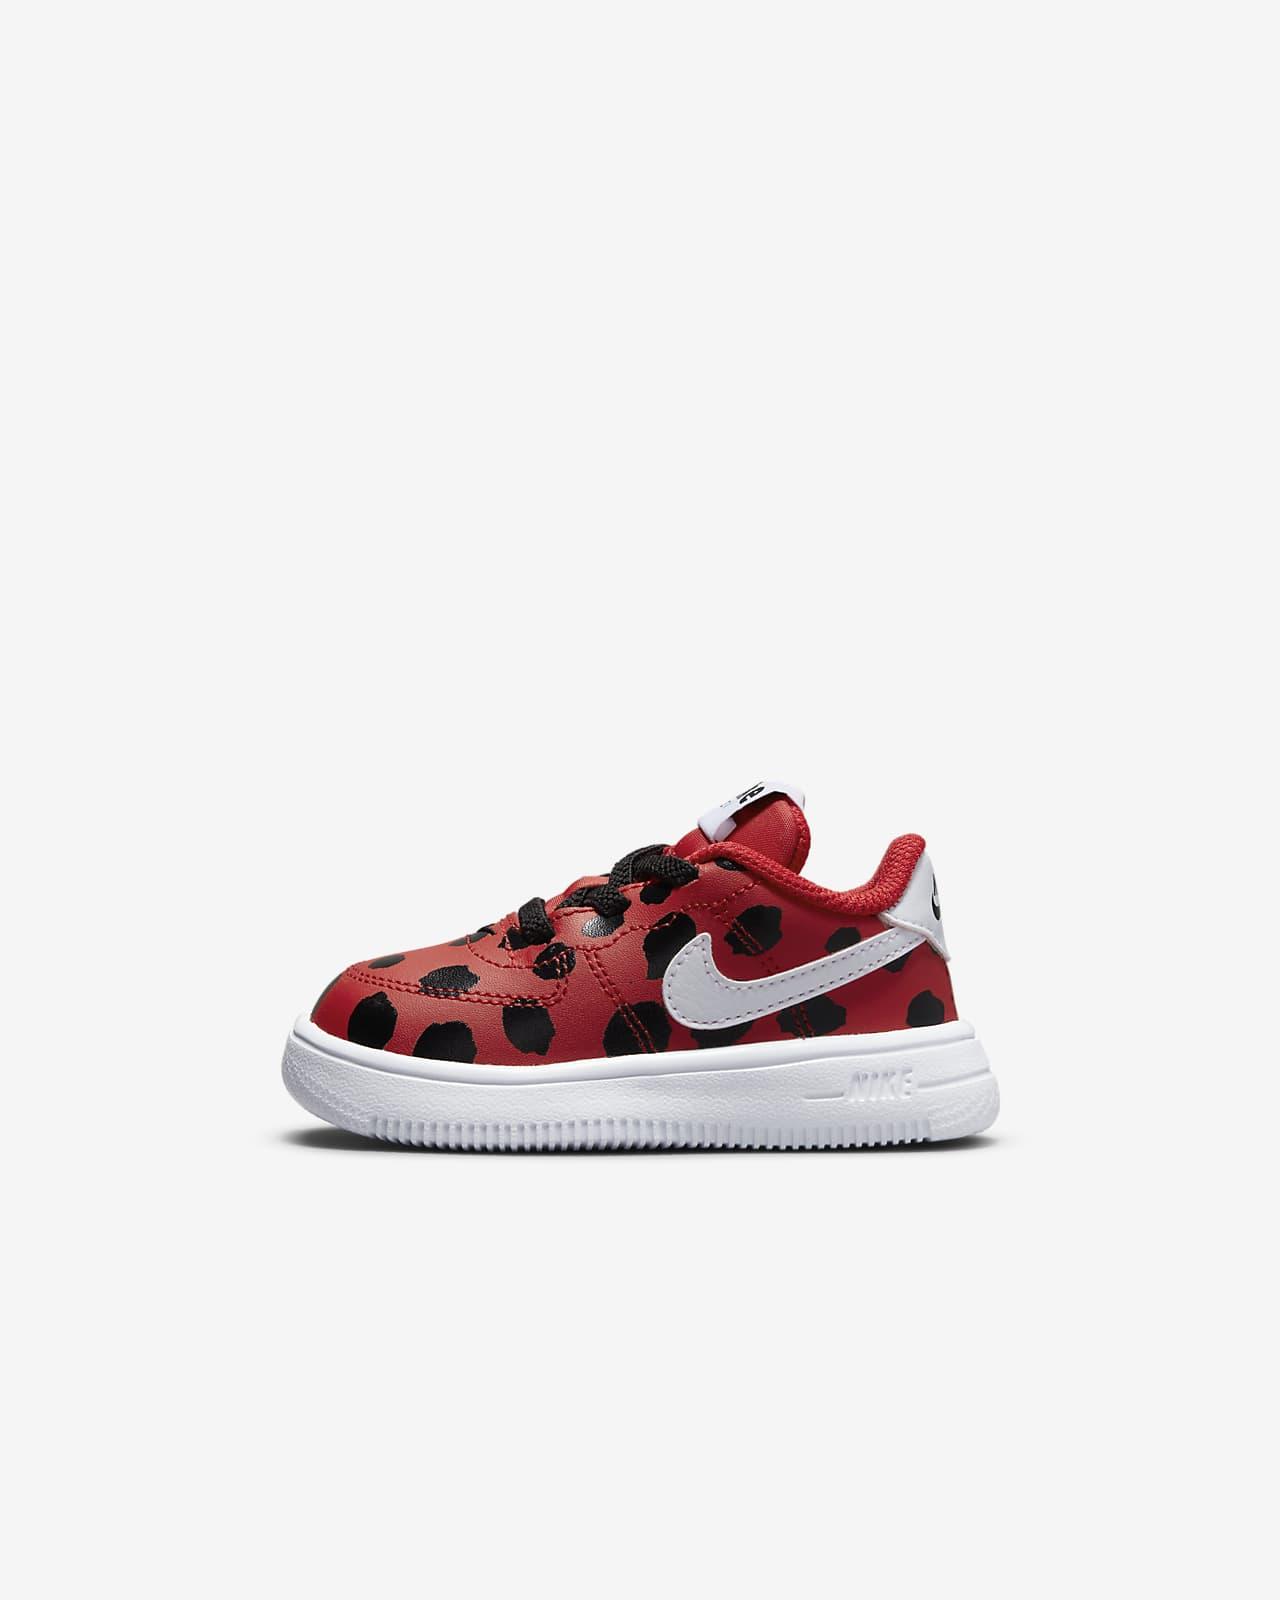 Chaussure Nike Force 1 '18 SE «Lil Bugs» pour Bébé et Petit enfant